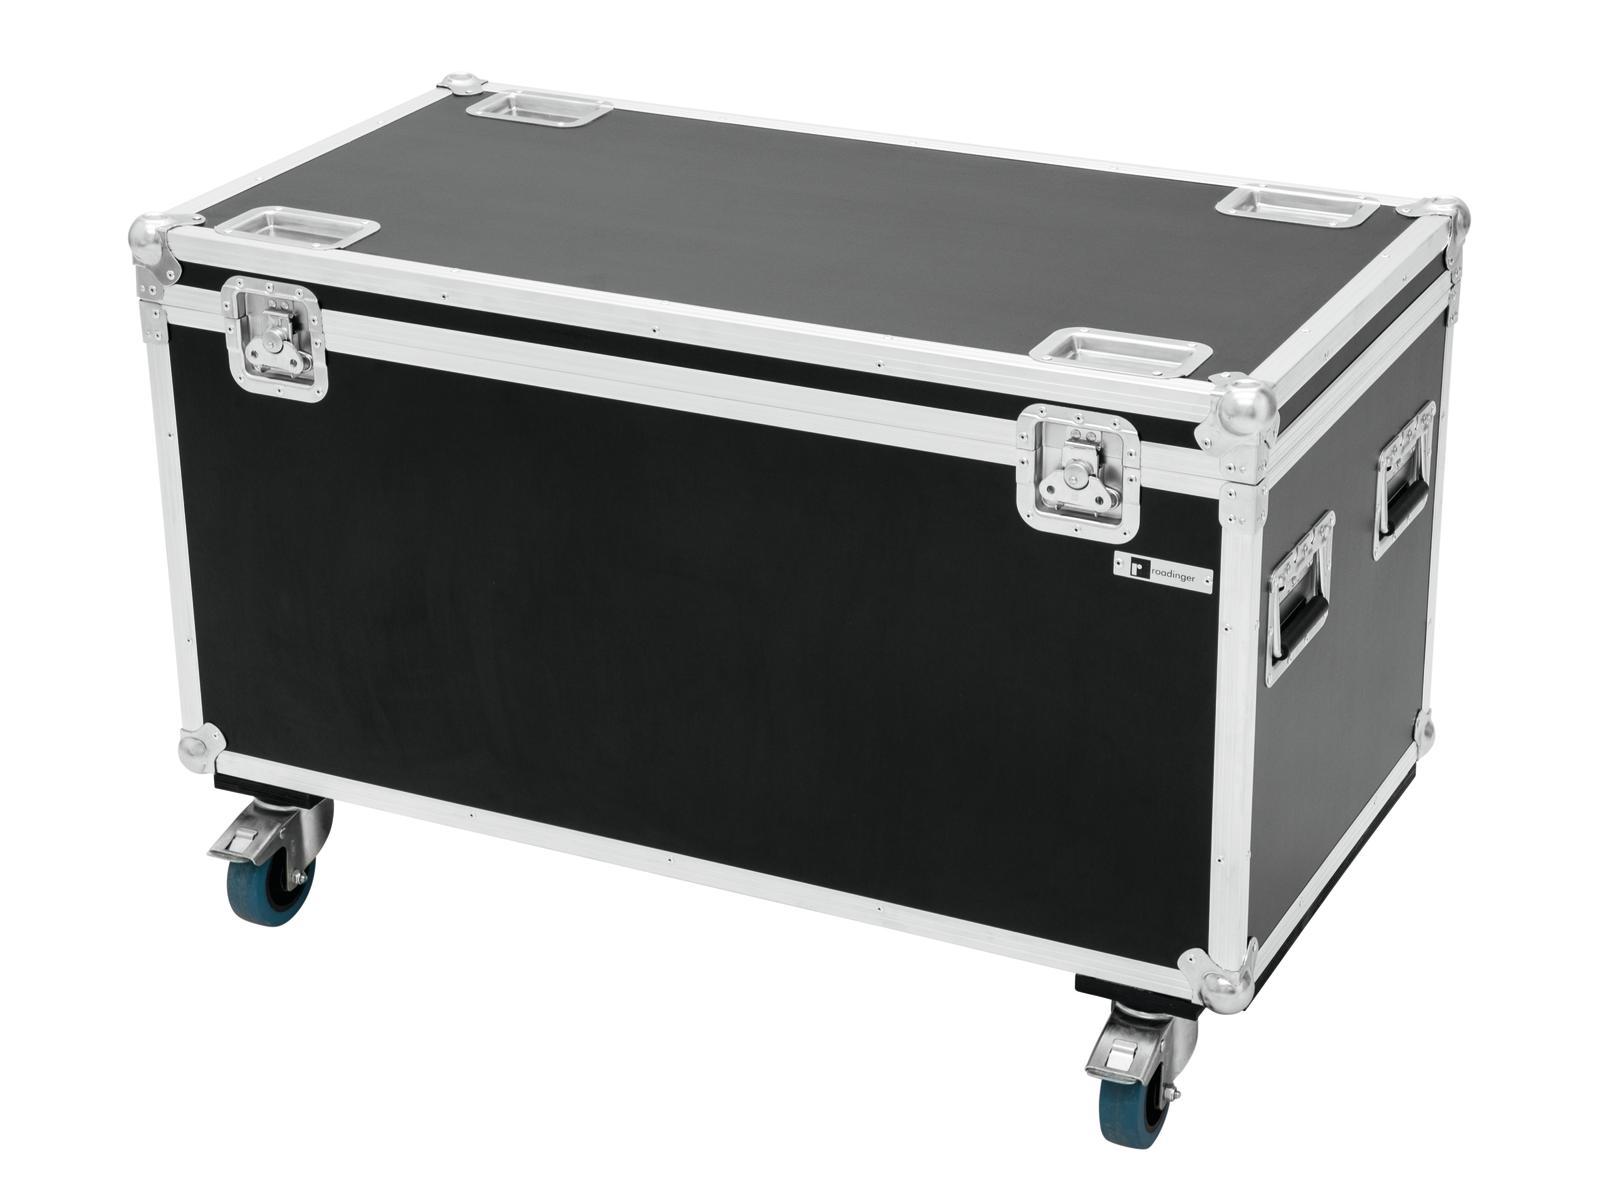 Billede af Universal Flightcase Pro 100x50x50cm Med Hjul - Eurolite